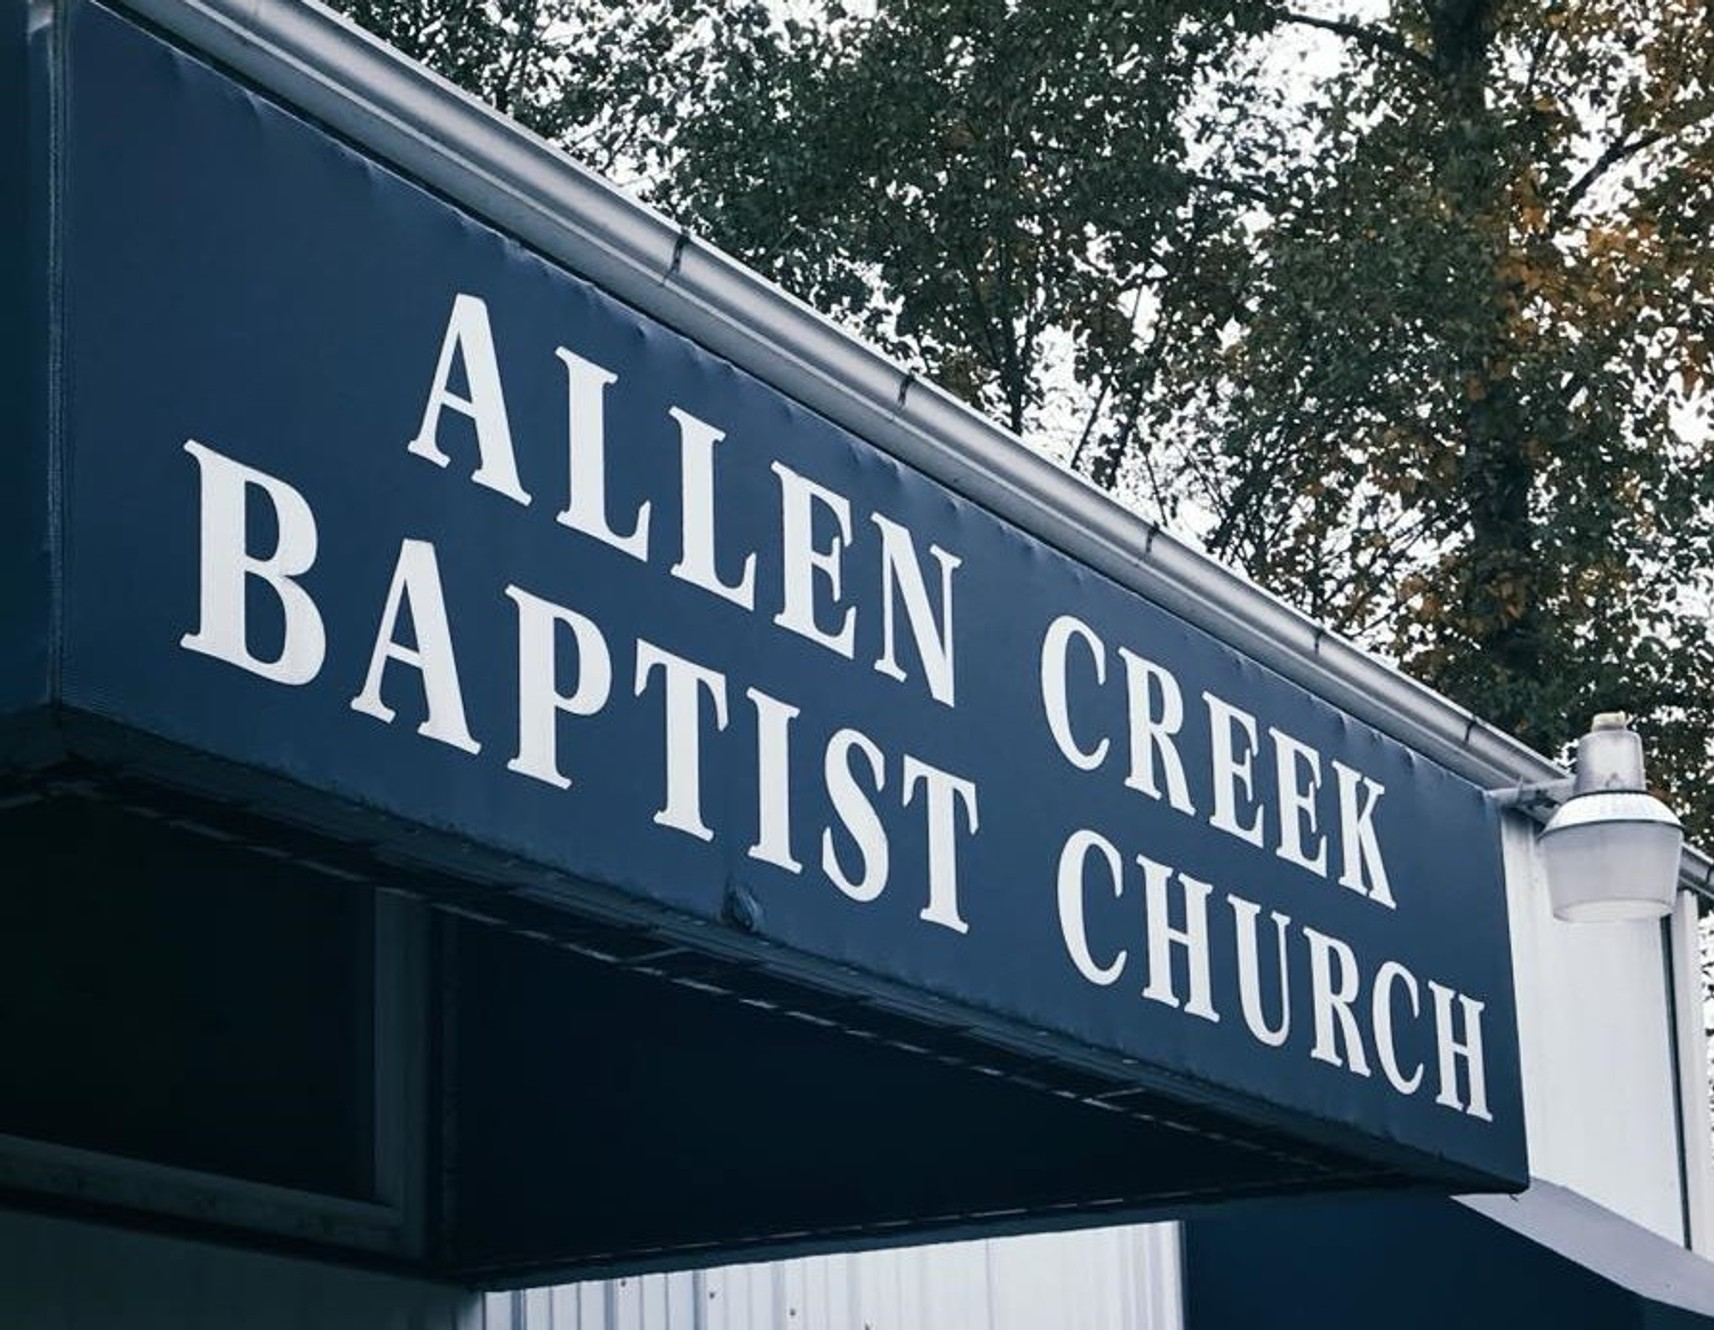 Allen Creek Baptist Church logo